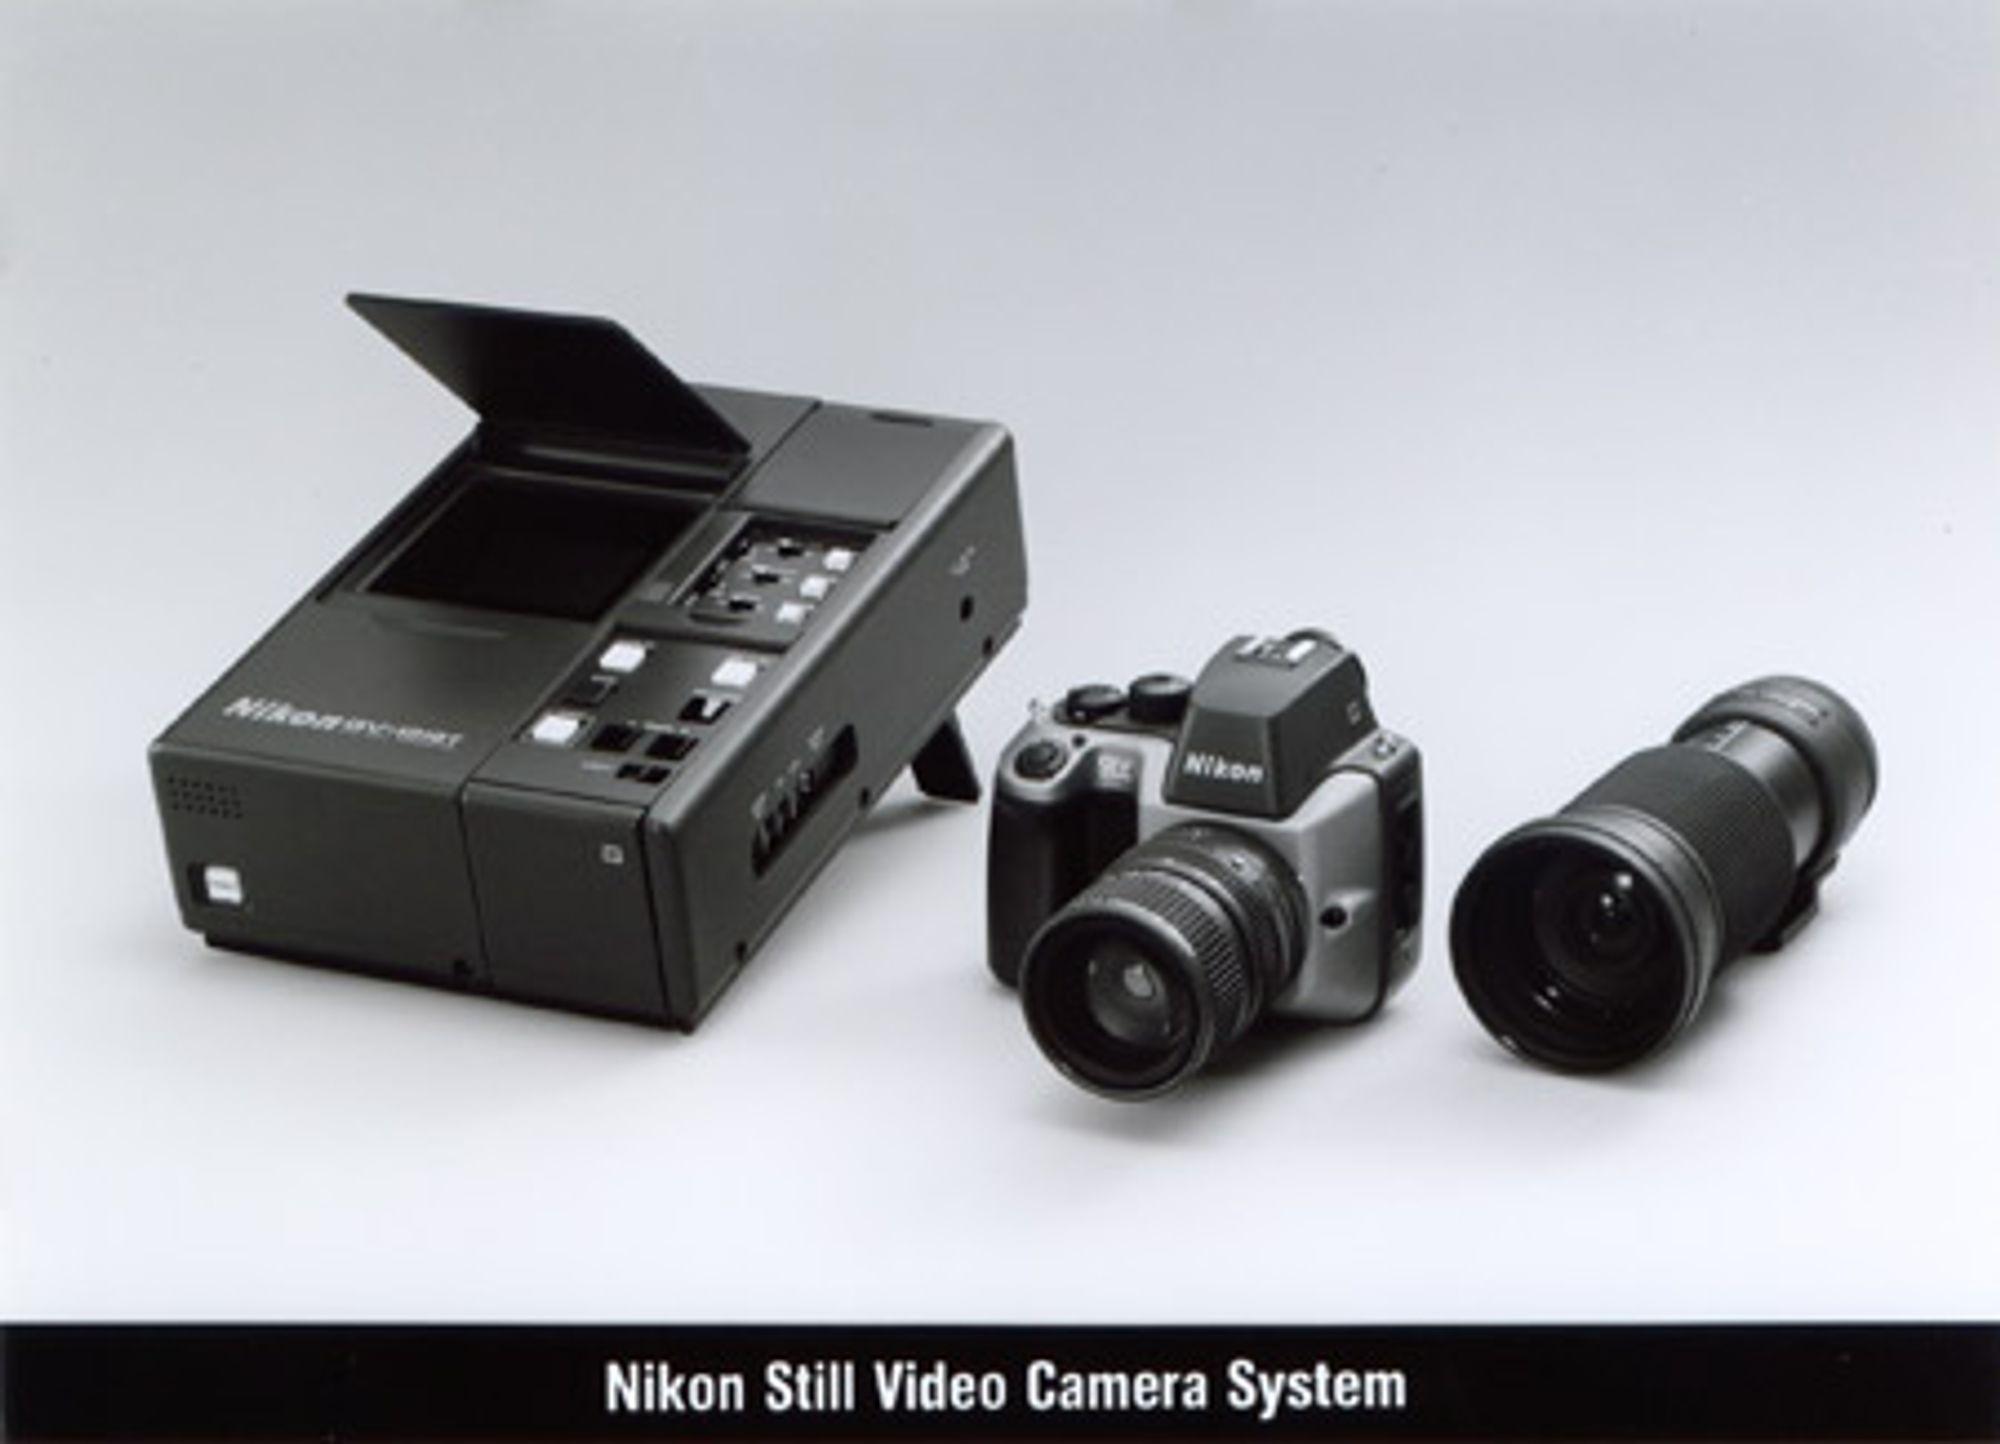 Dyrt system: Nikons elektroniske kamerasett bestod ikke bare av et kamerahus. Kjøperen fikk også to objektiver  (QV Nikkor 10-40mm f/1.4 og QV Nikkor 11-120mm f/2) og en QV-1010T telefotosender. Da systemet kom ut på høsten 1988 kostet det hele 20 000 dollar. Foto: Nikonweb.com